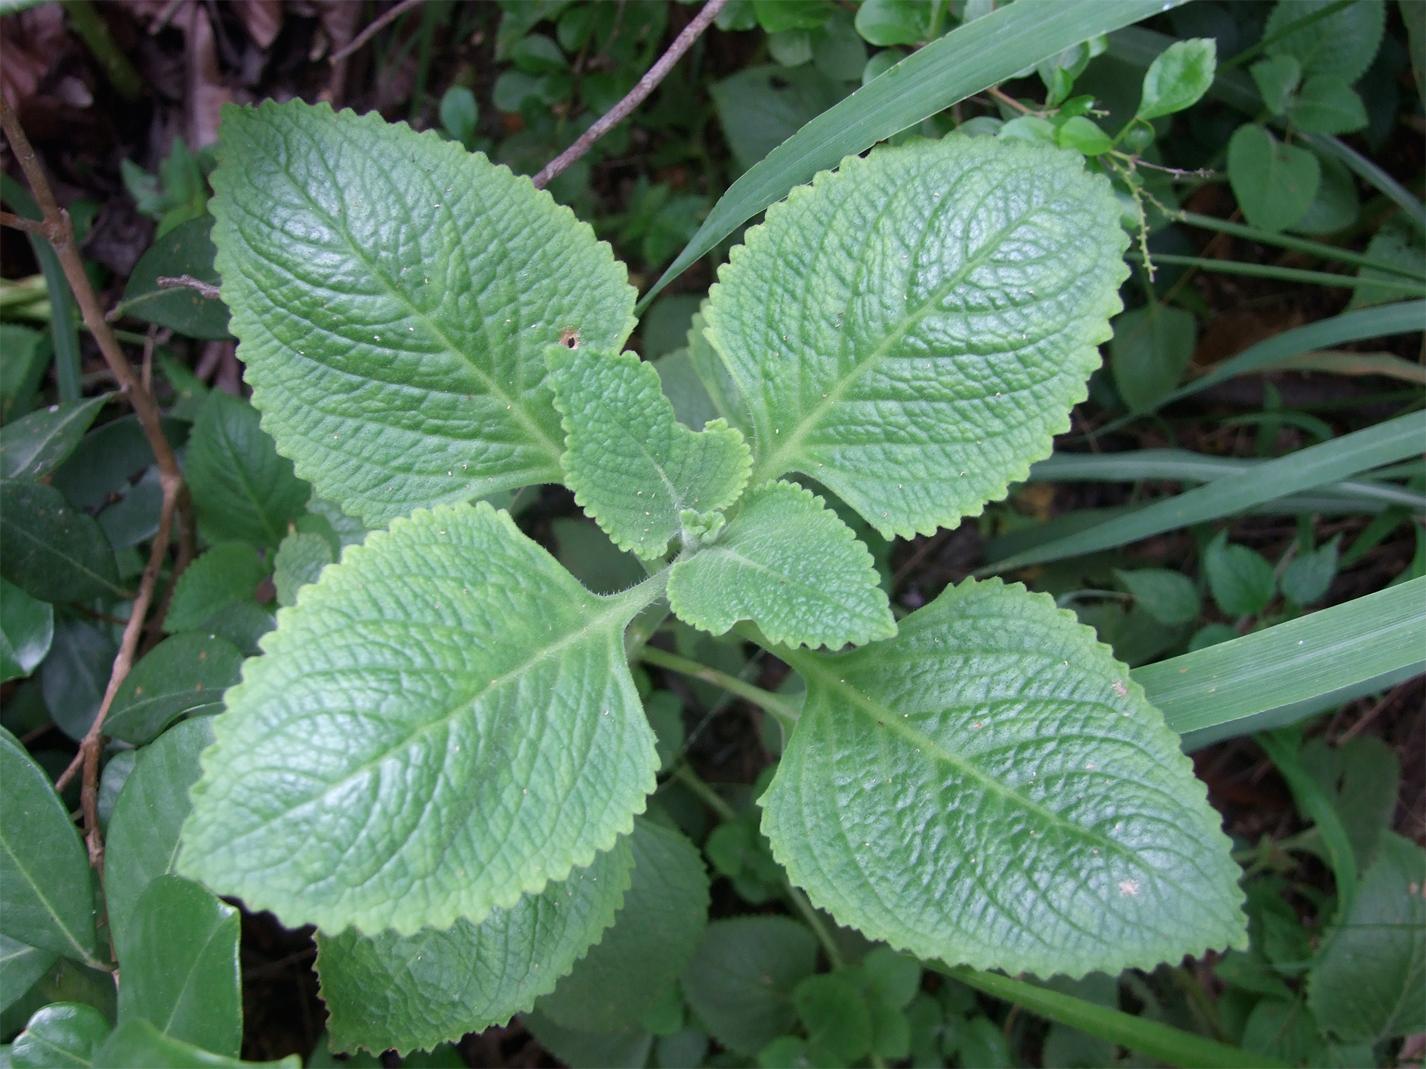 Leaves-of-Borage